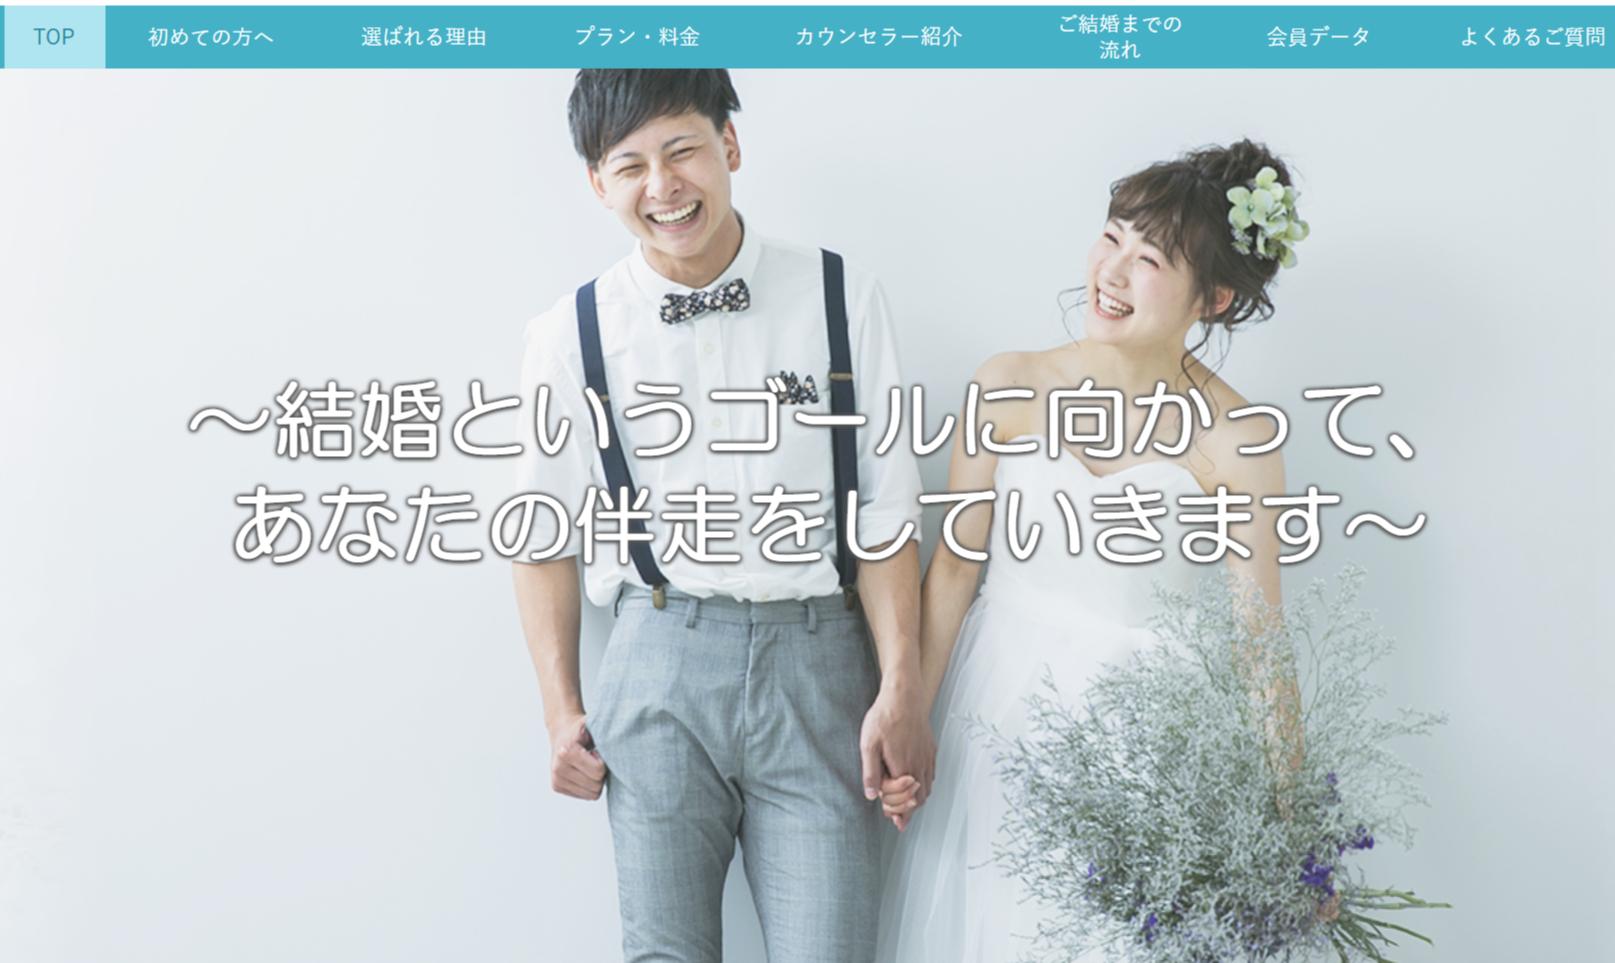 静岡県 結婚相談所 マリッジアオキ